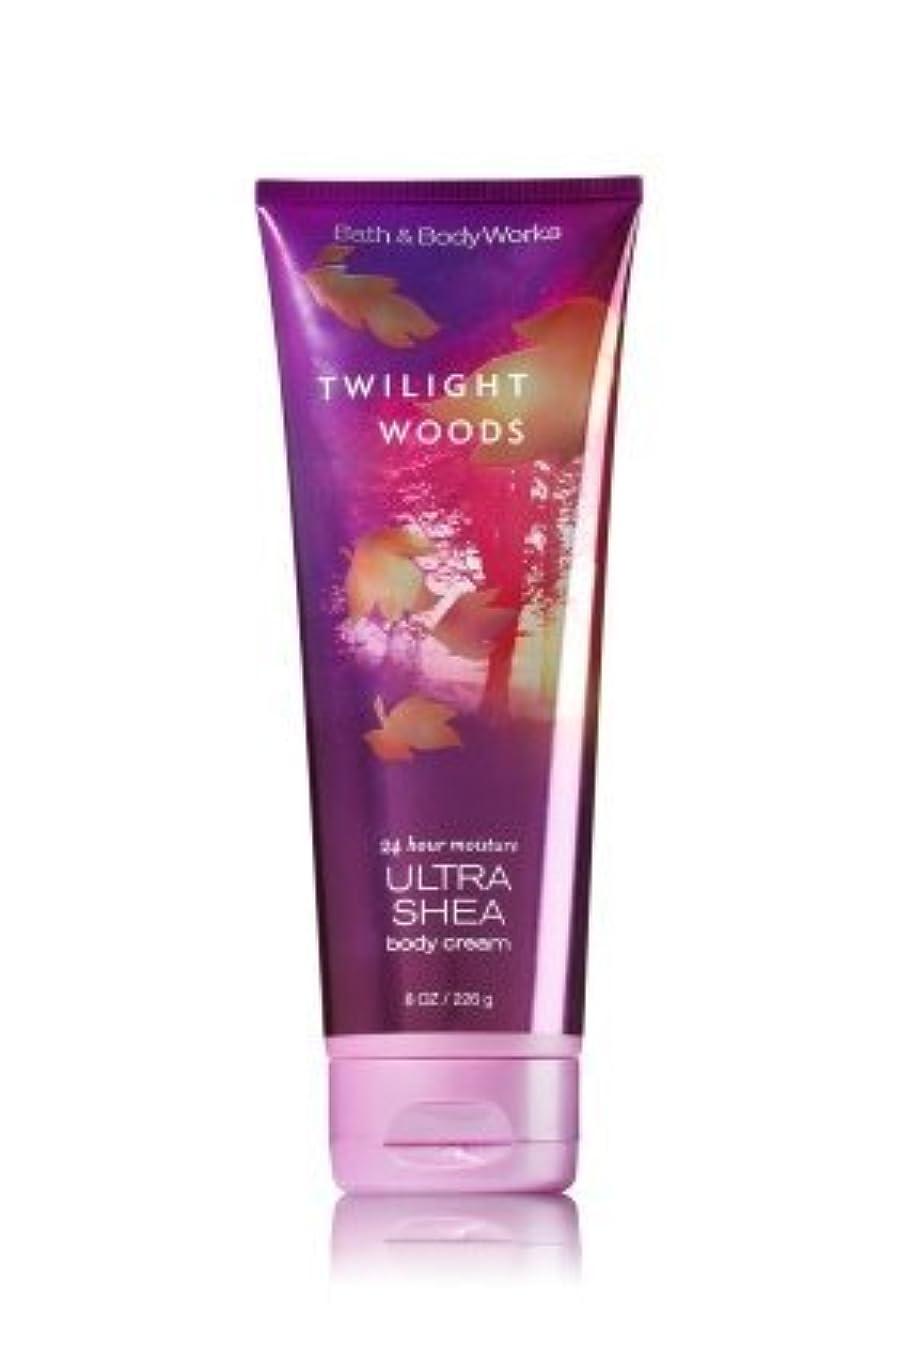 属性ペスト化学者Bath & Body Works Twilight Woods 8.0 oz Ultra Shea Body Cream [並行輸入品]